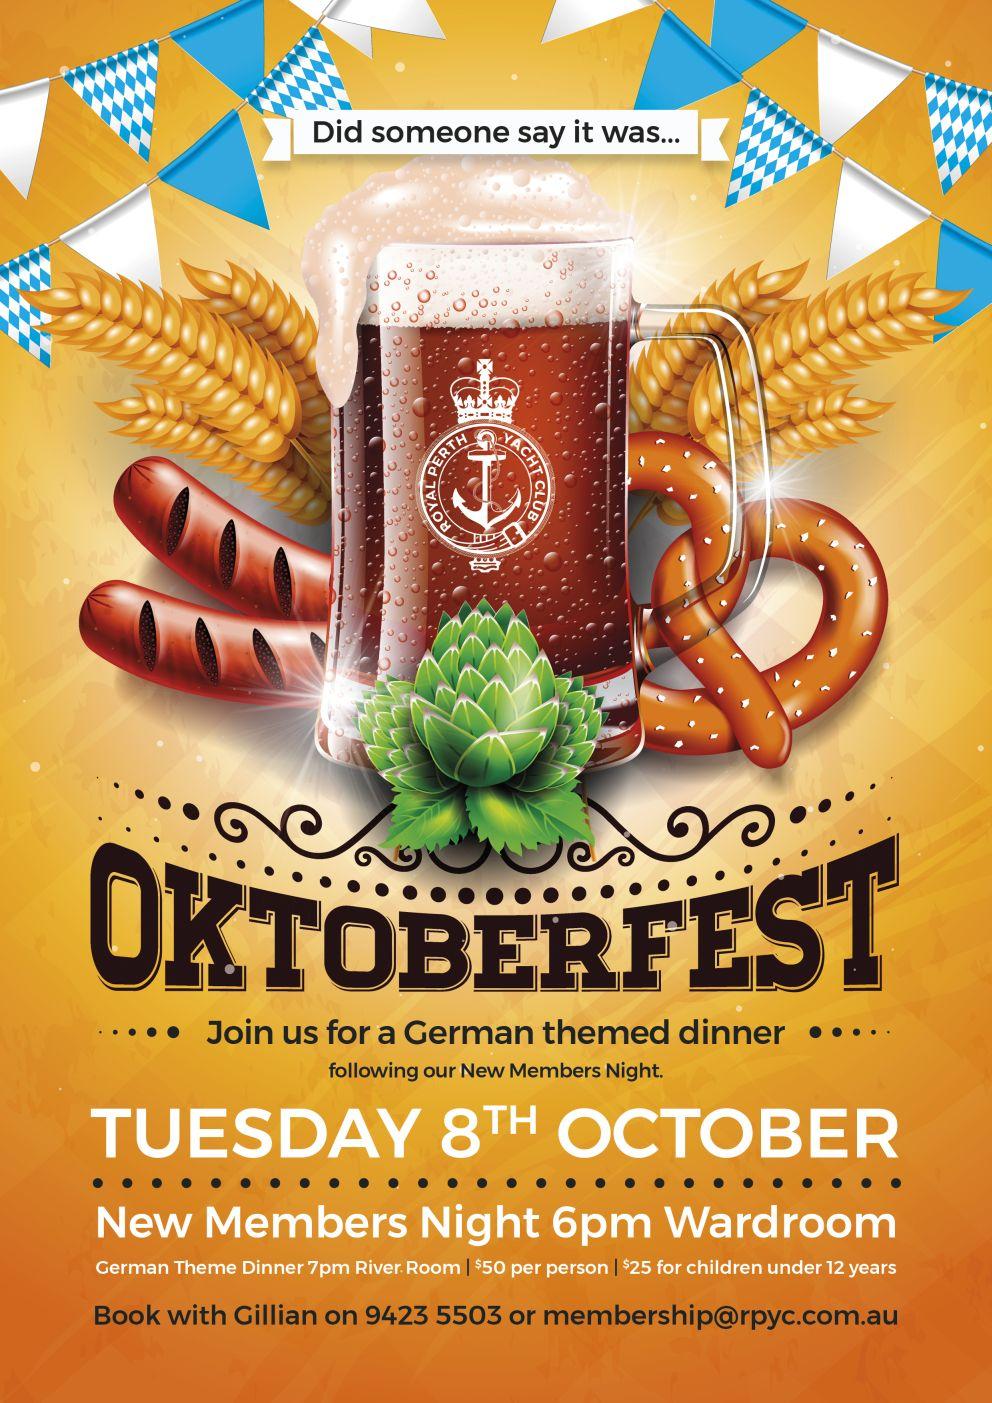 ITW Oct 2019 Oktoberfest